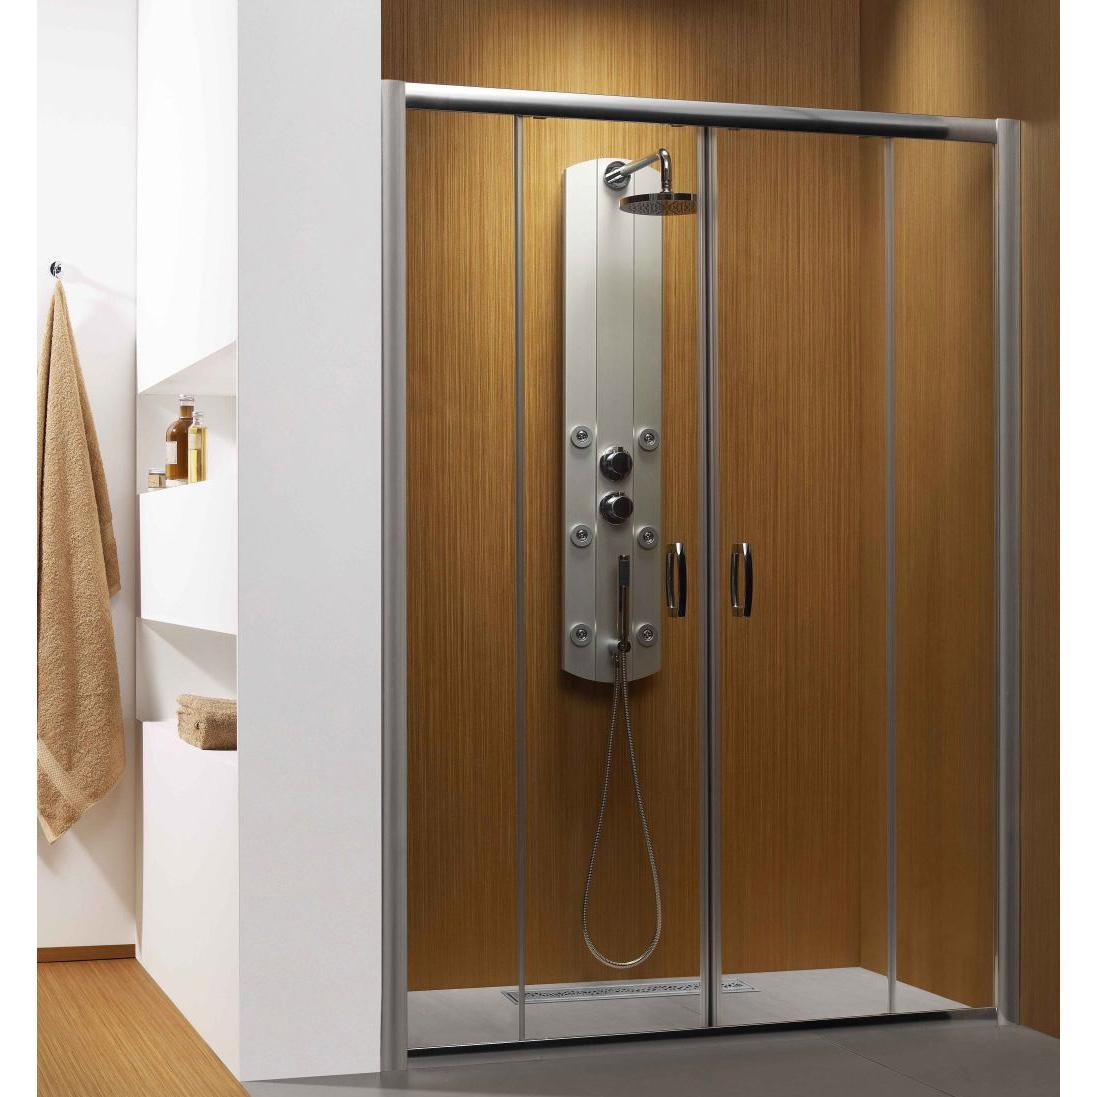 Душевая дверь Radaway Premium Plus DWD 180 хром/коричневое кухонный стол кубика портофино 2 рис 1 ноги хром стекло темно коричневое венге